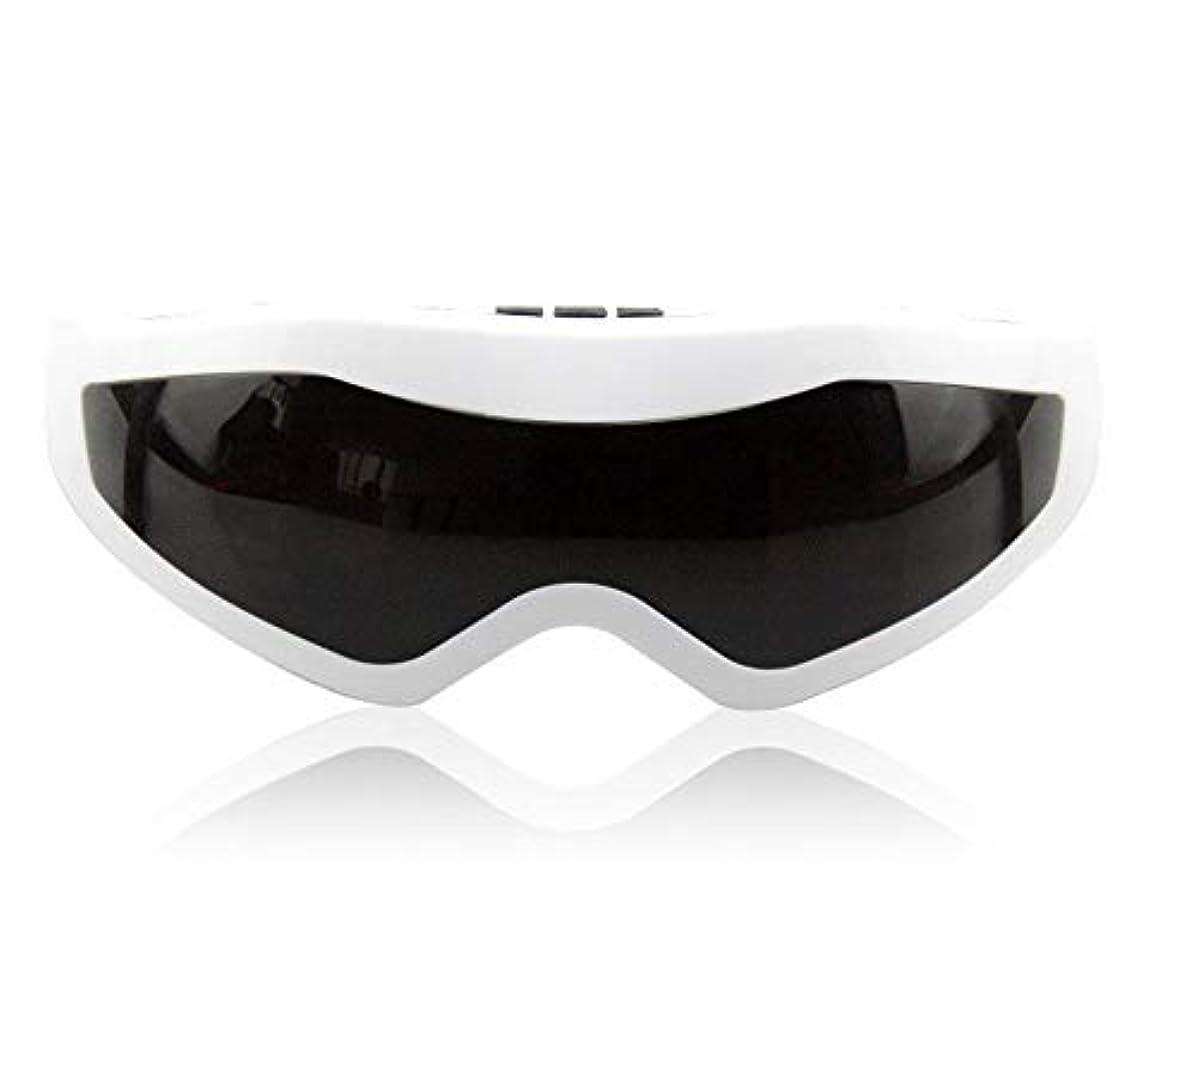 ビンストレスの多い欠陥目のマッサージャーの電気目のマッサージャーの磁石療法の振動目の保護の器械 (Color : Black)